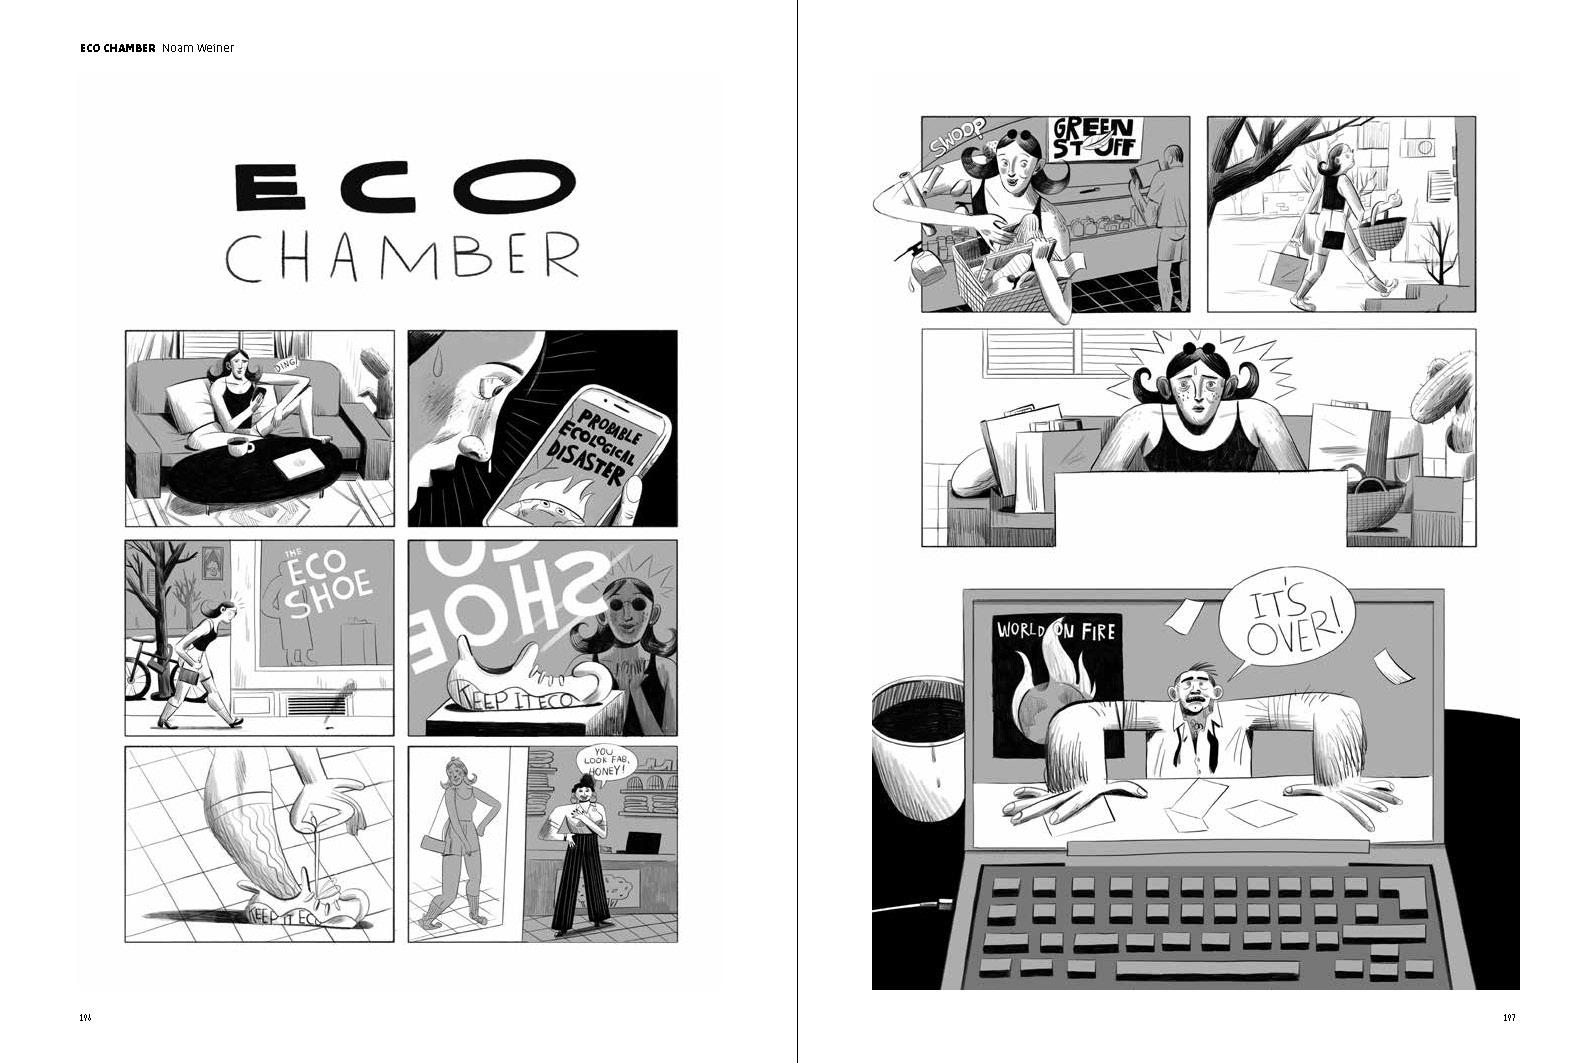 קומיקס: נעם וינר (באדיבות עומר הופמן)